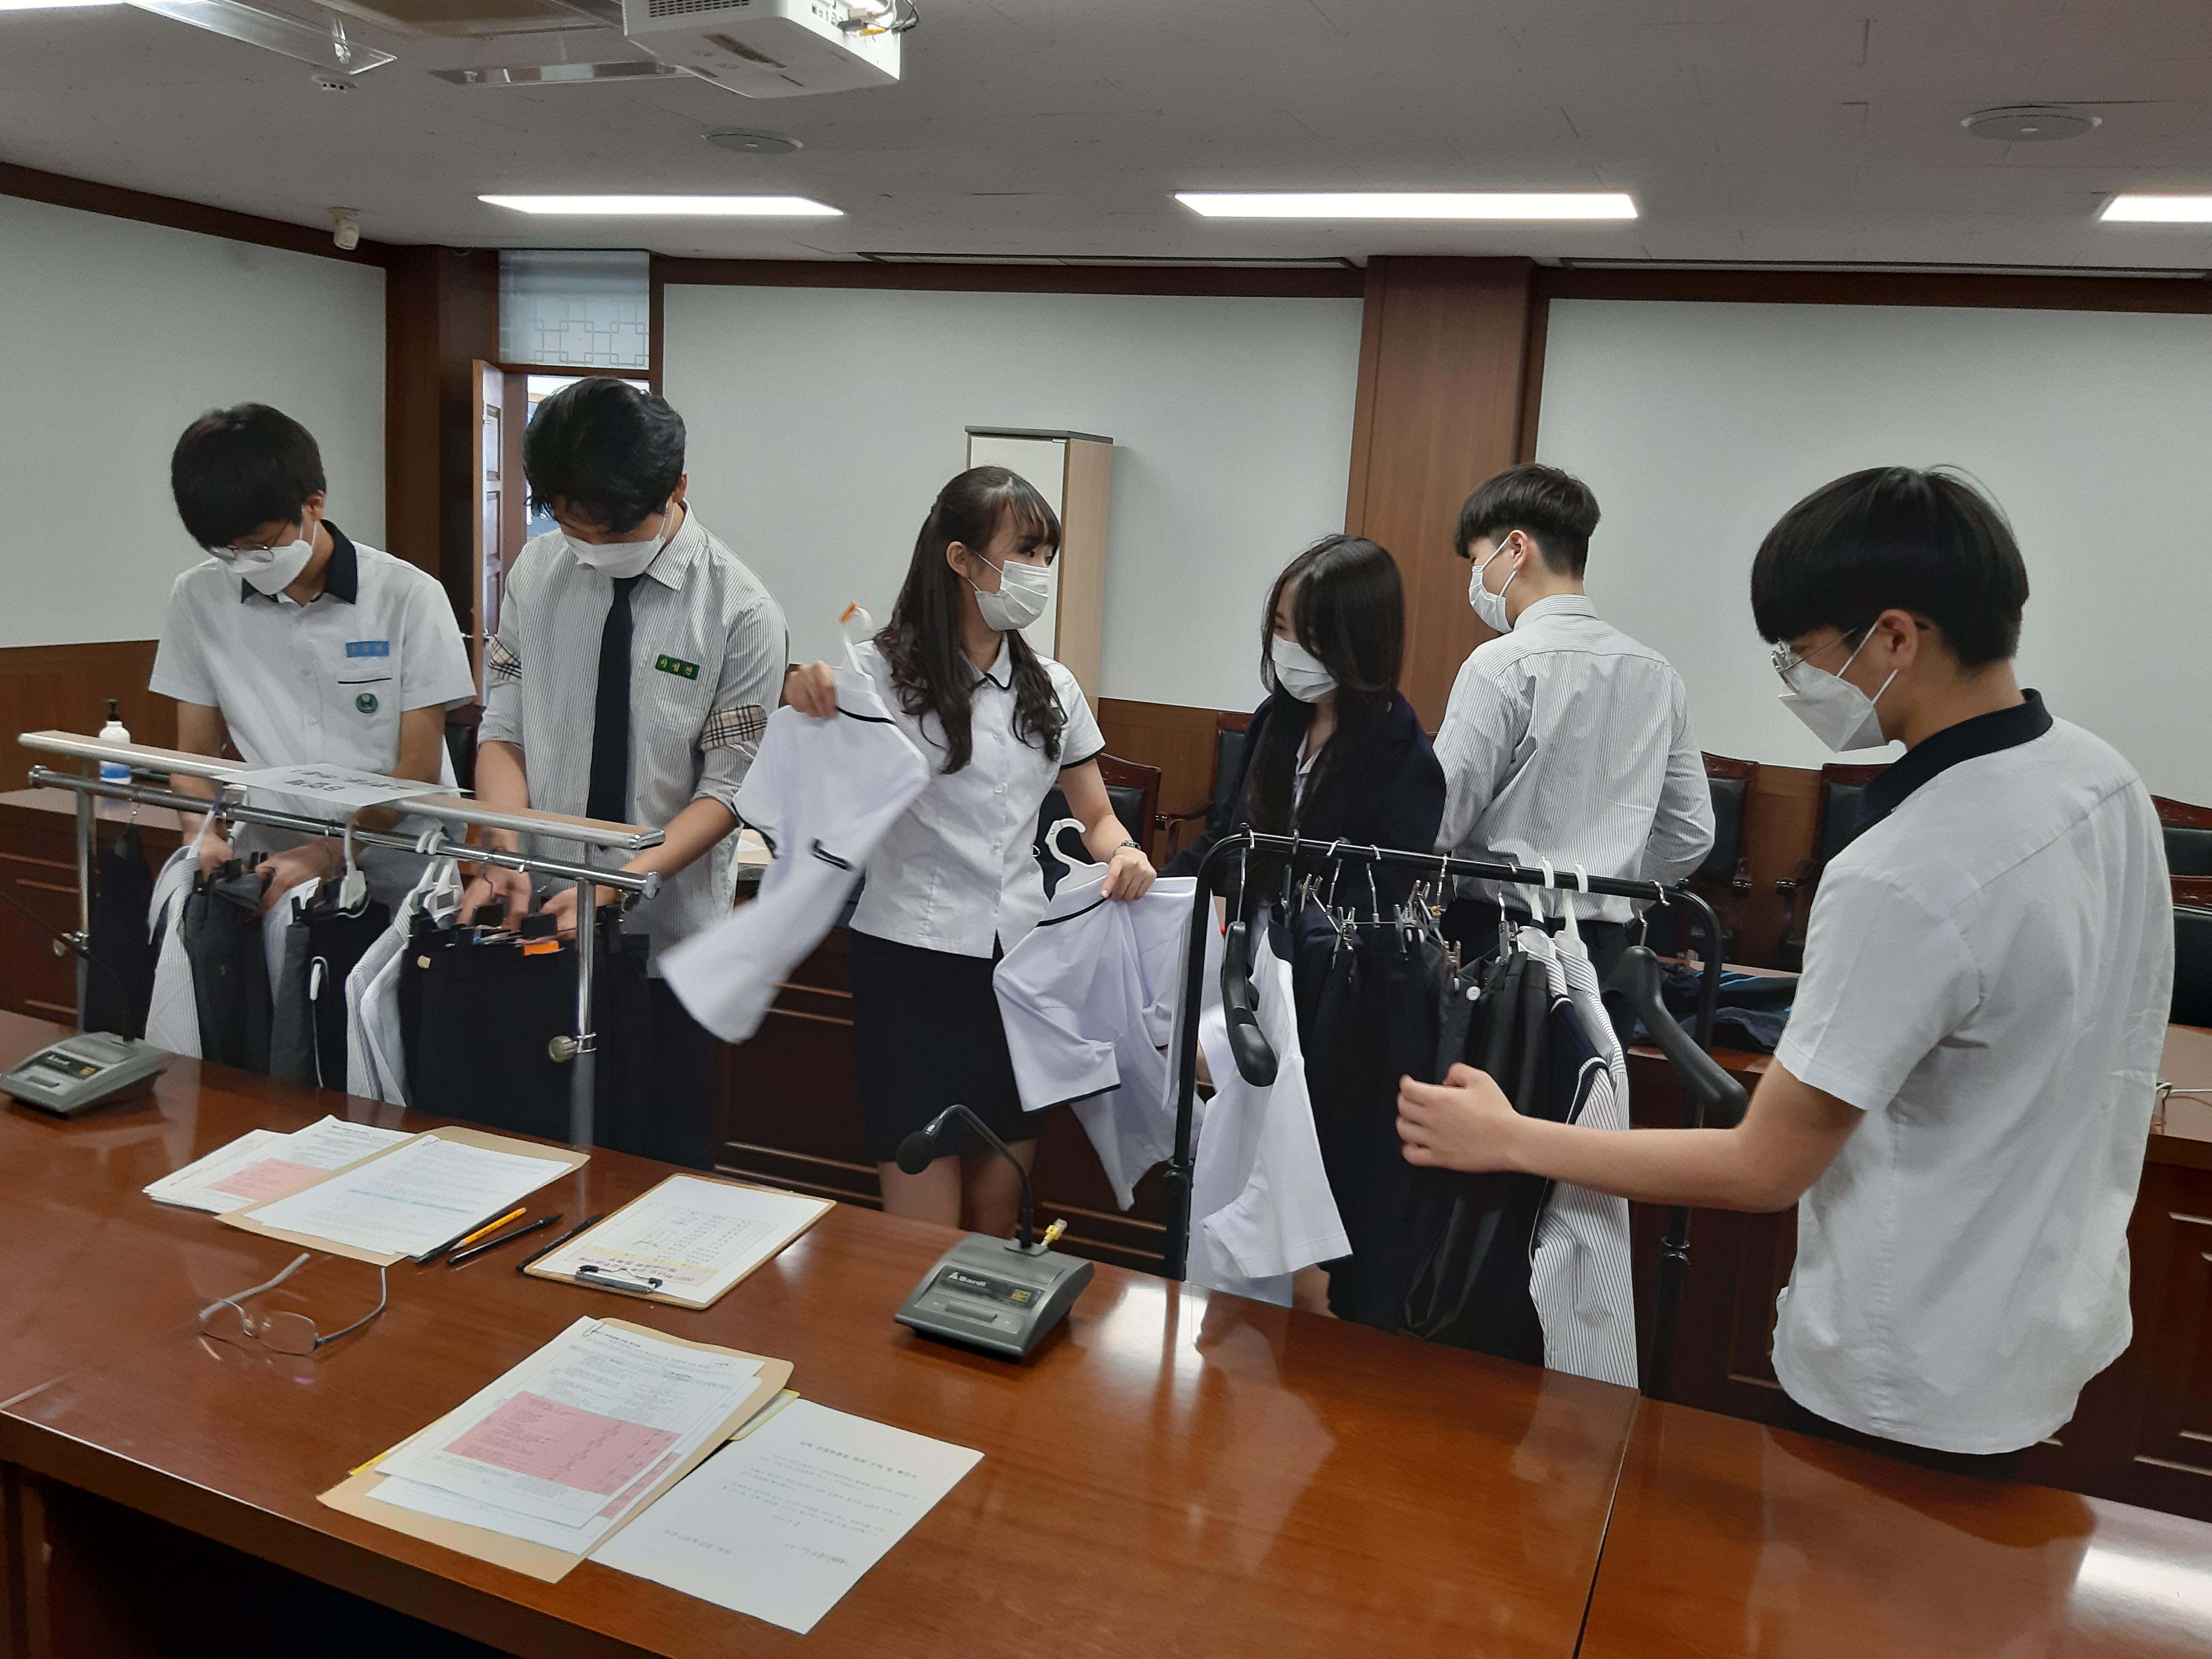 2021학년도 신입생 교복선정을 위한 위원회 개최(2020.9.8)